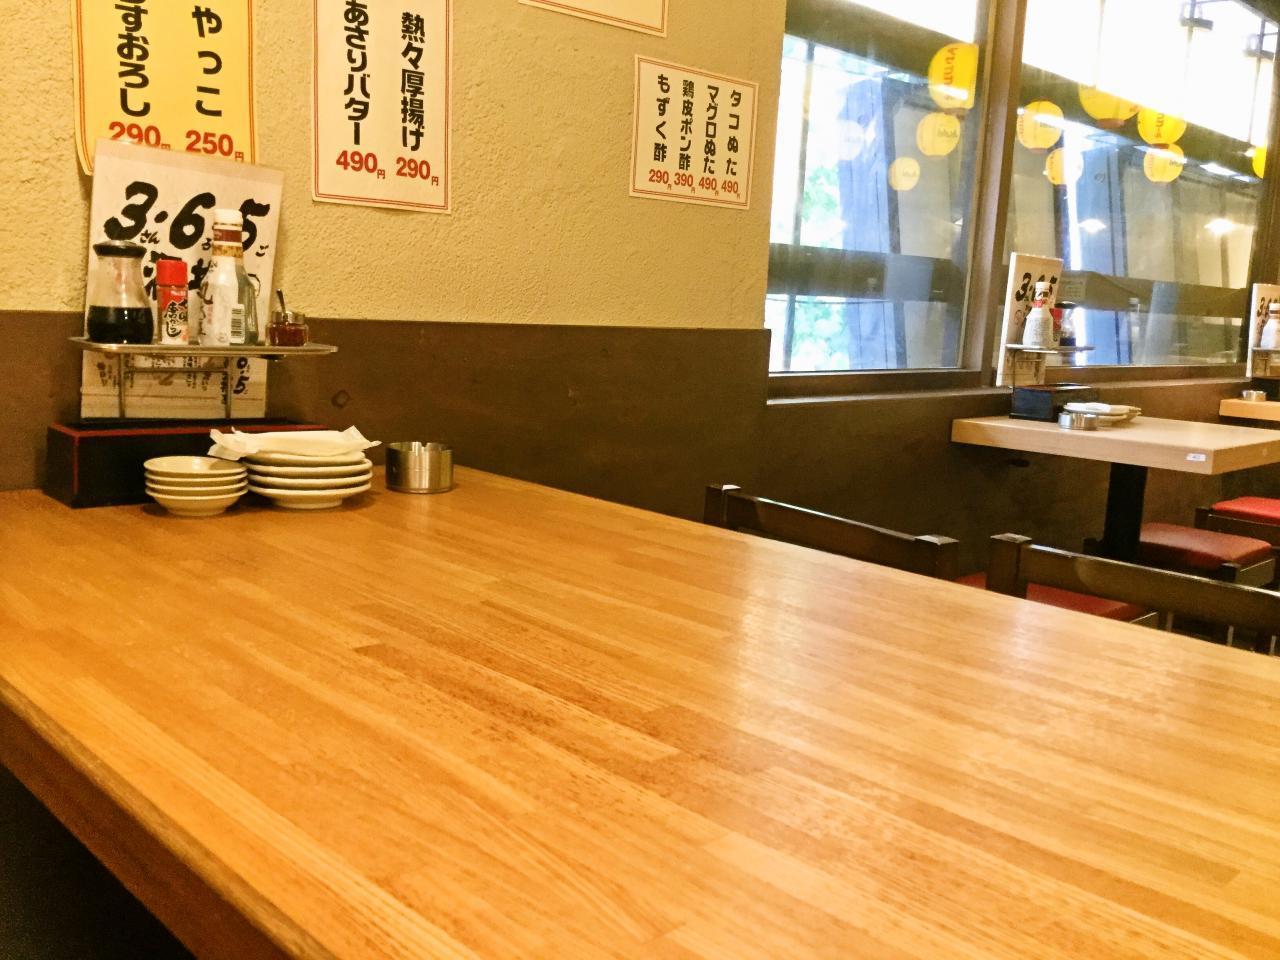 3・6・5酒場 渋谷本店(店内)